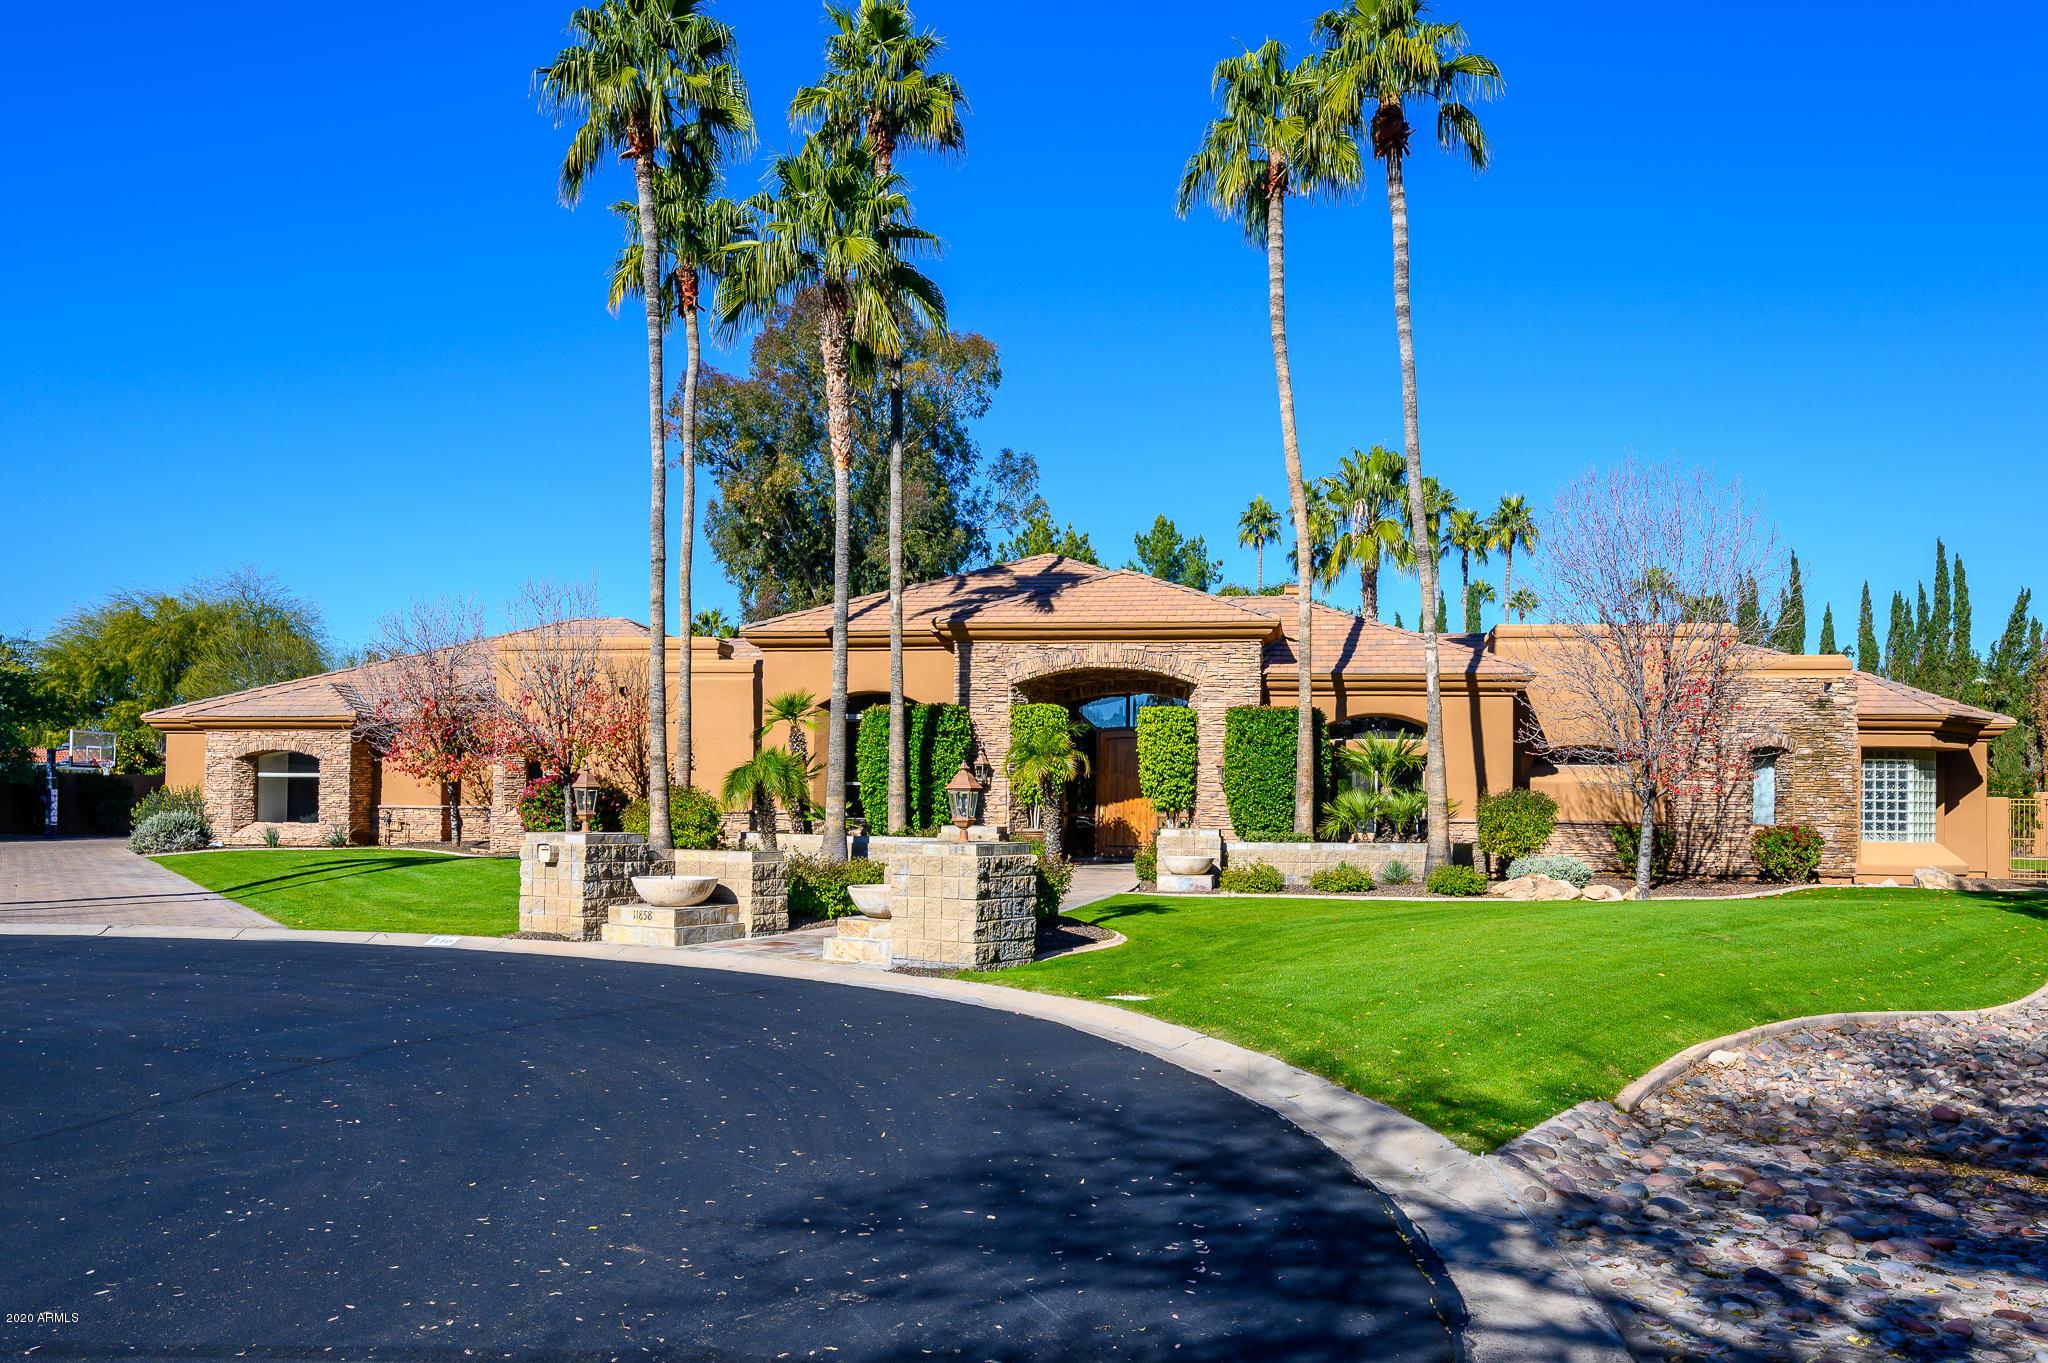 Photo of 11858 N 61ST Place, Scottsdale, AZ 85254